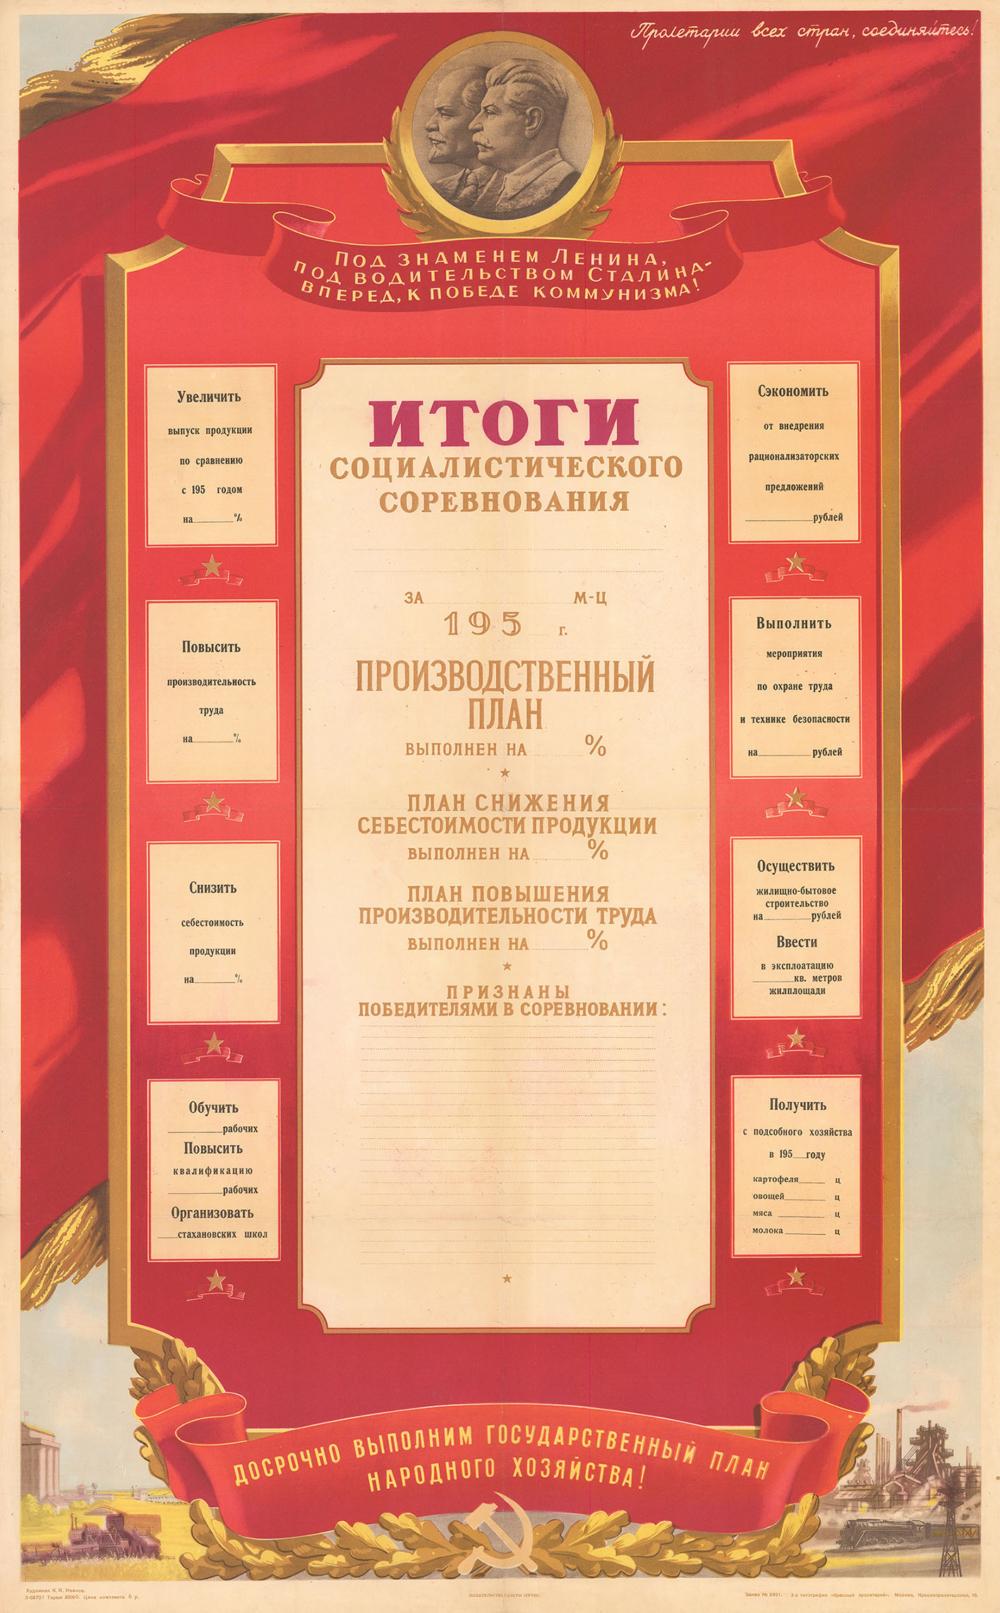 Плакат «Итоги социалистического соревнования»